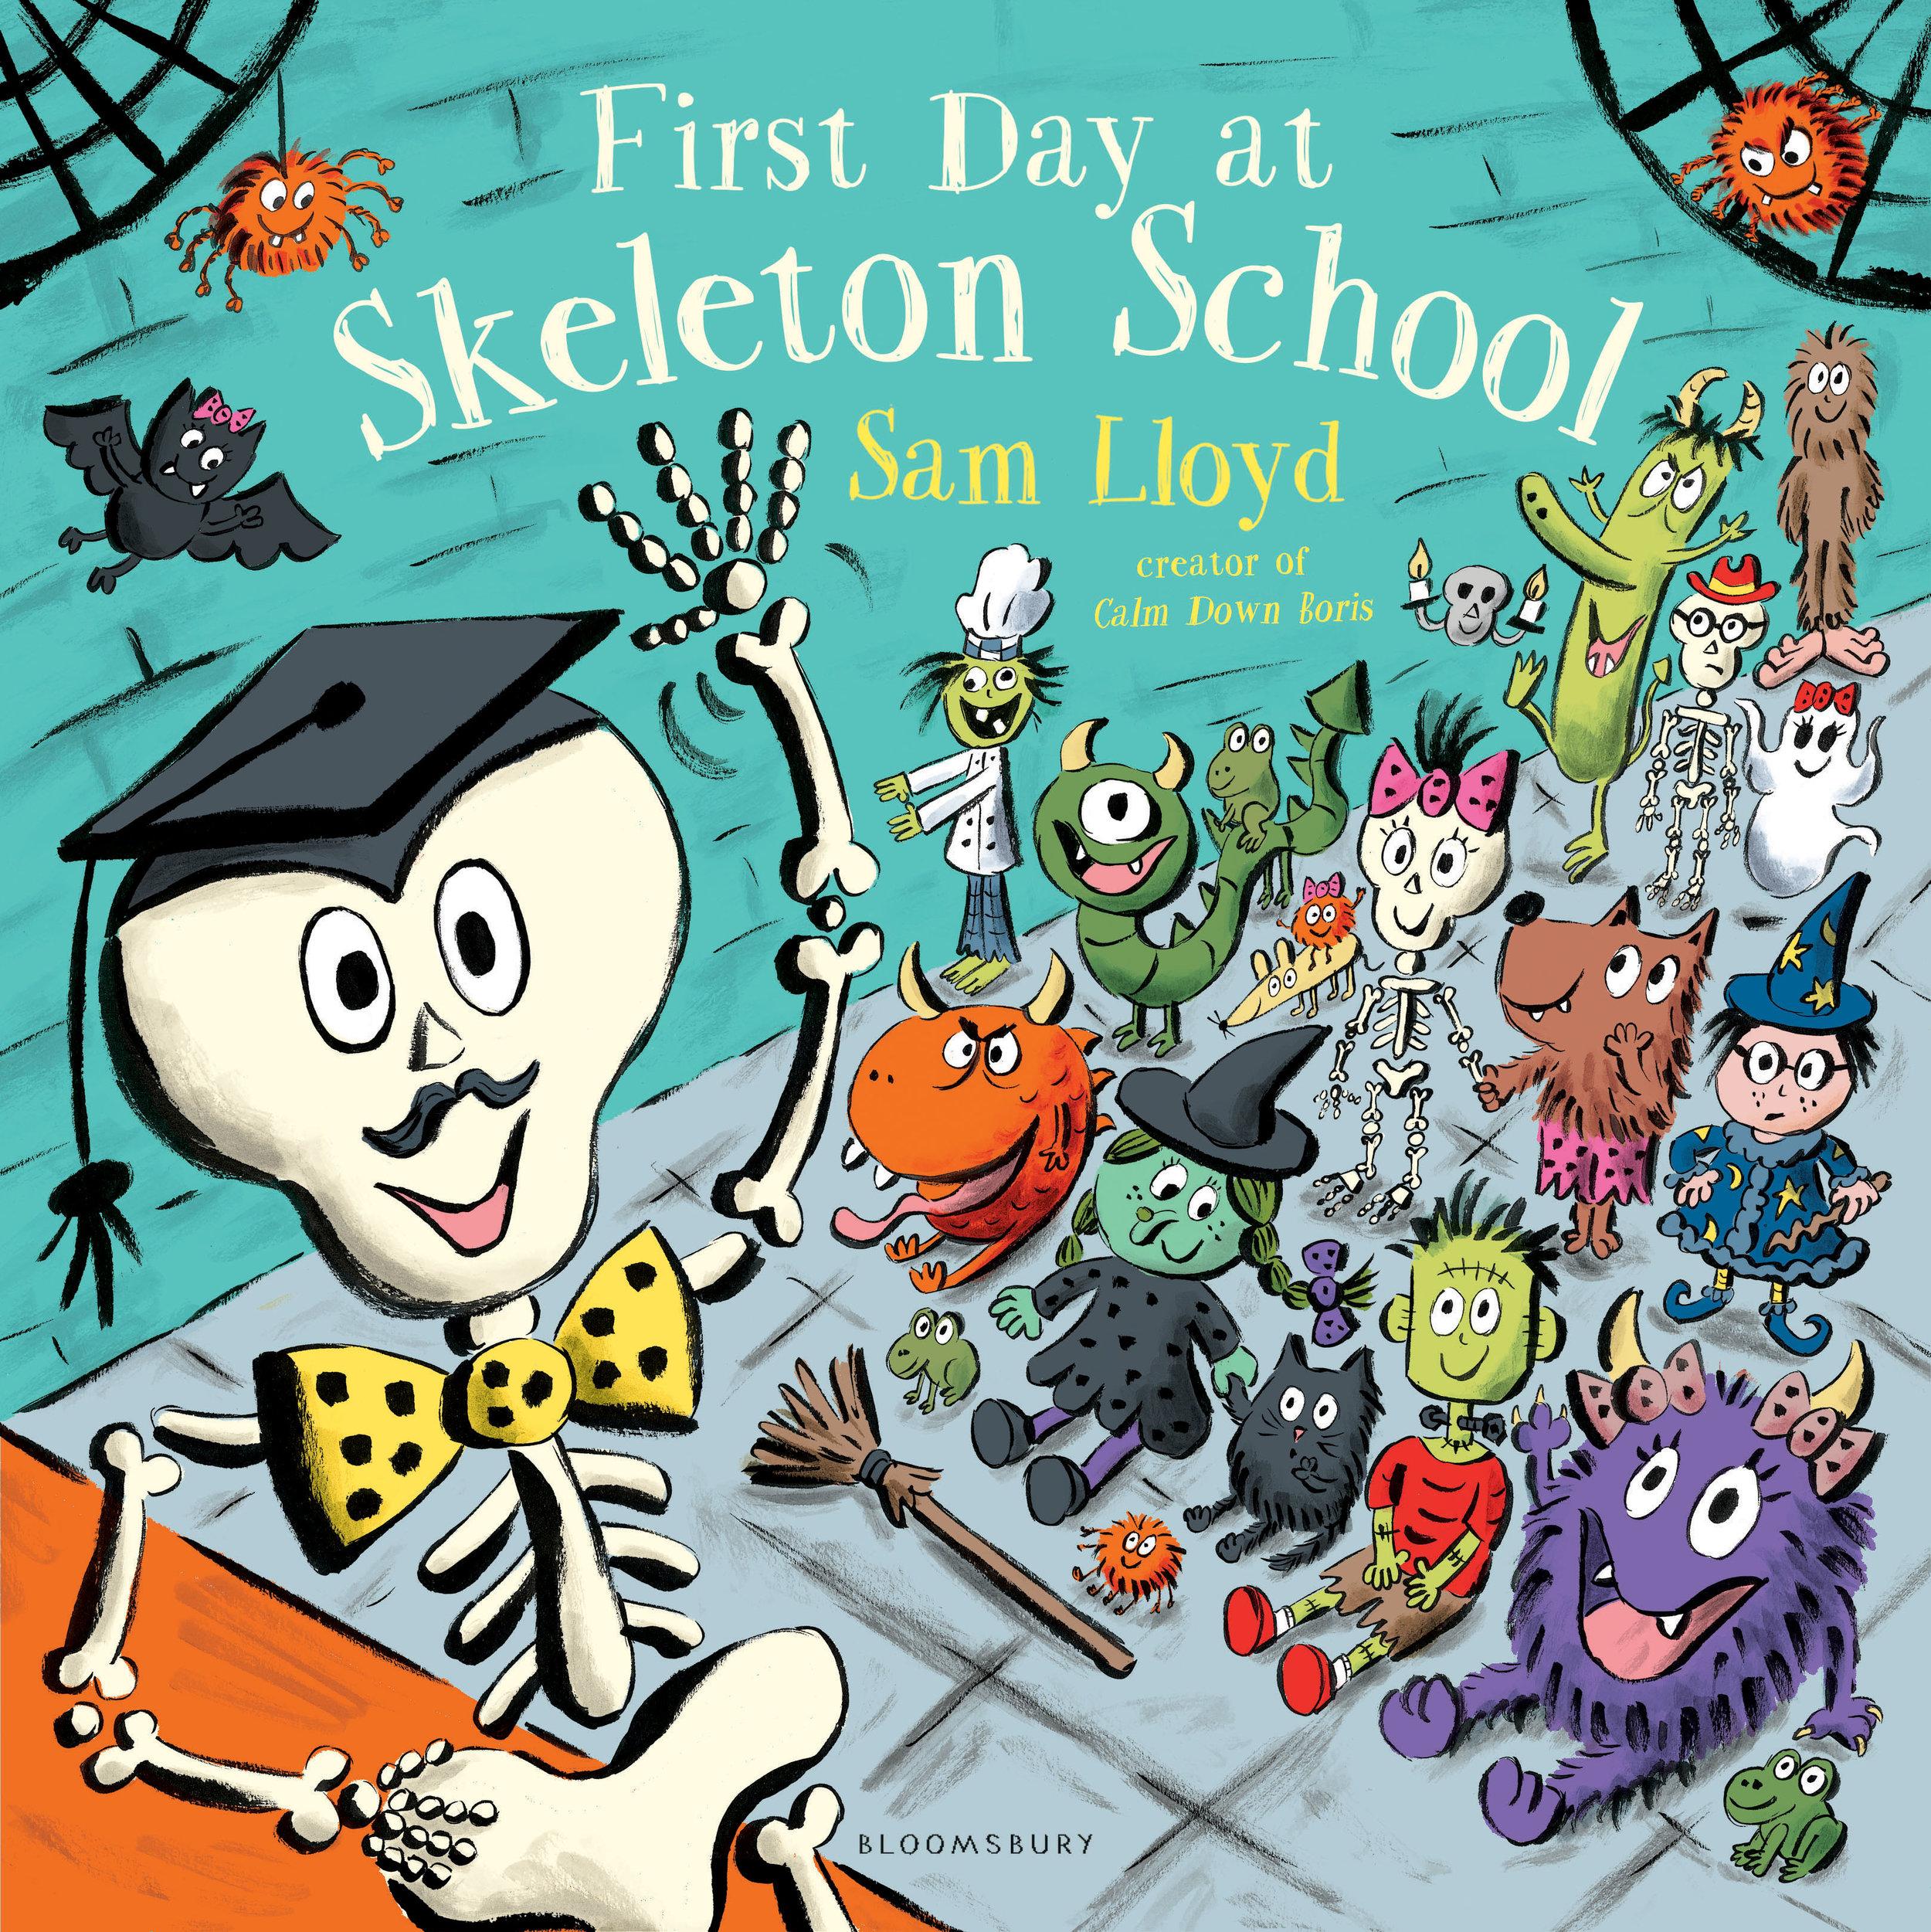 SkeletonSchool_cvr_HB_new.jpg